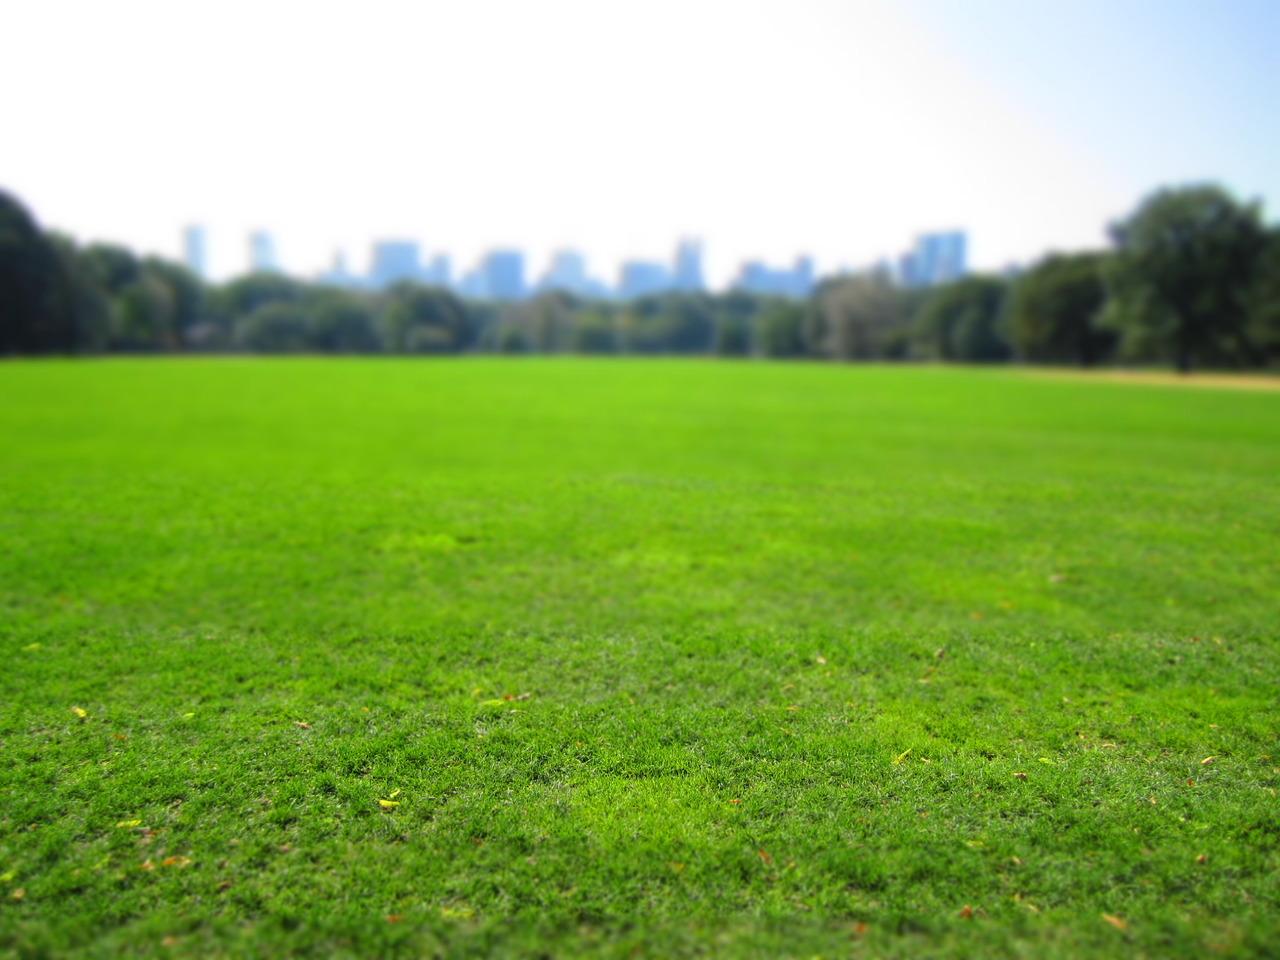 Great Lawn. NY, NY